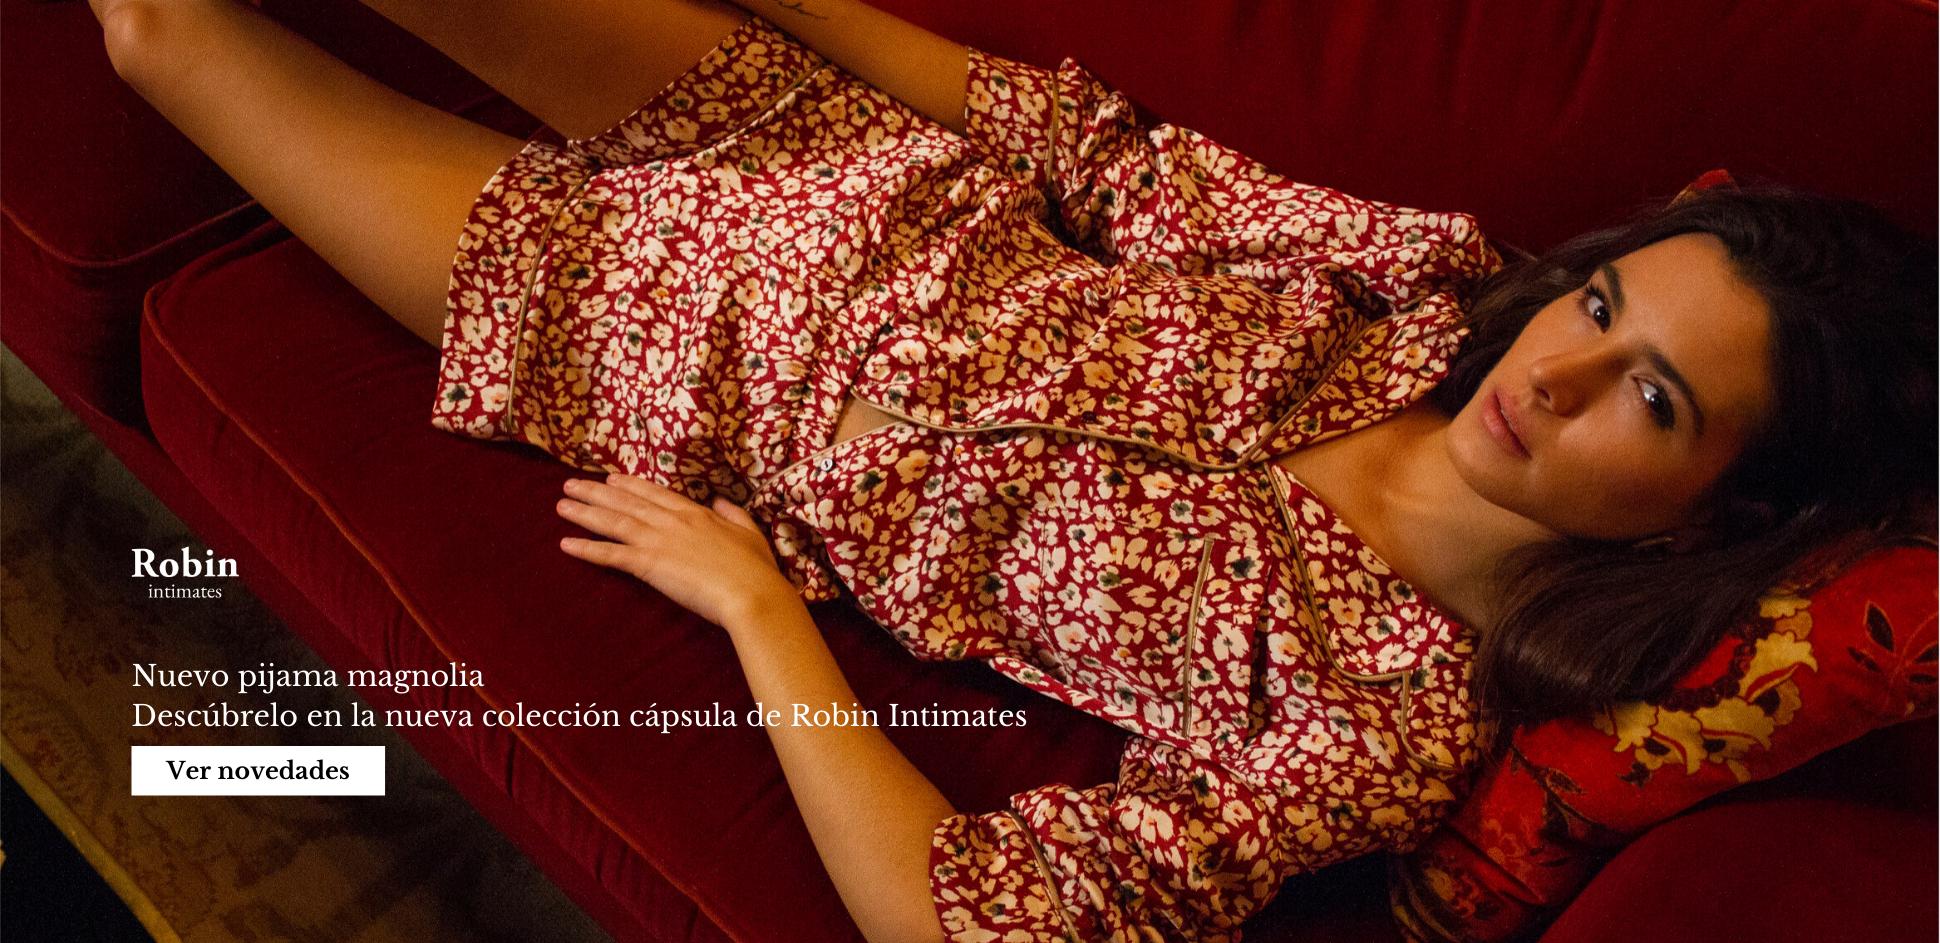 Intimo Pijamas